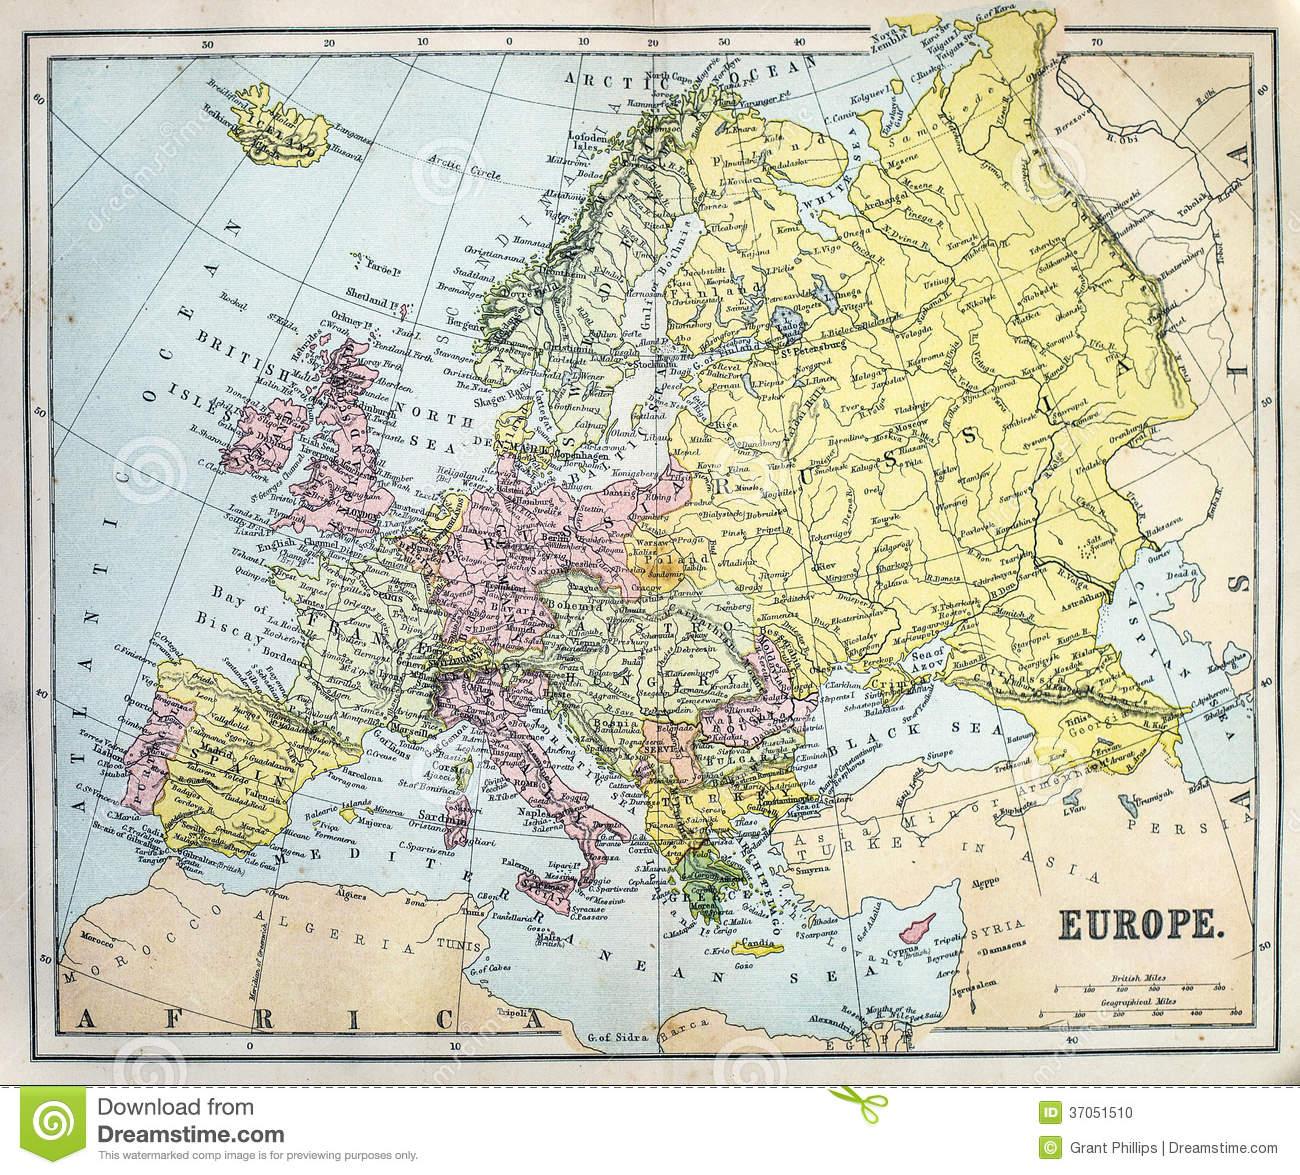 Ευρώπη: Η Εξέγερση των Νοτίων και η ανάγκη ενός νέου Τσίμμερβαλντ